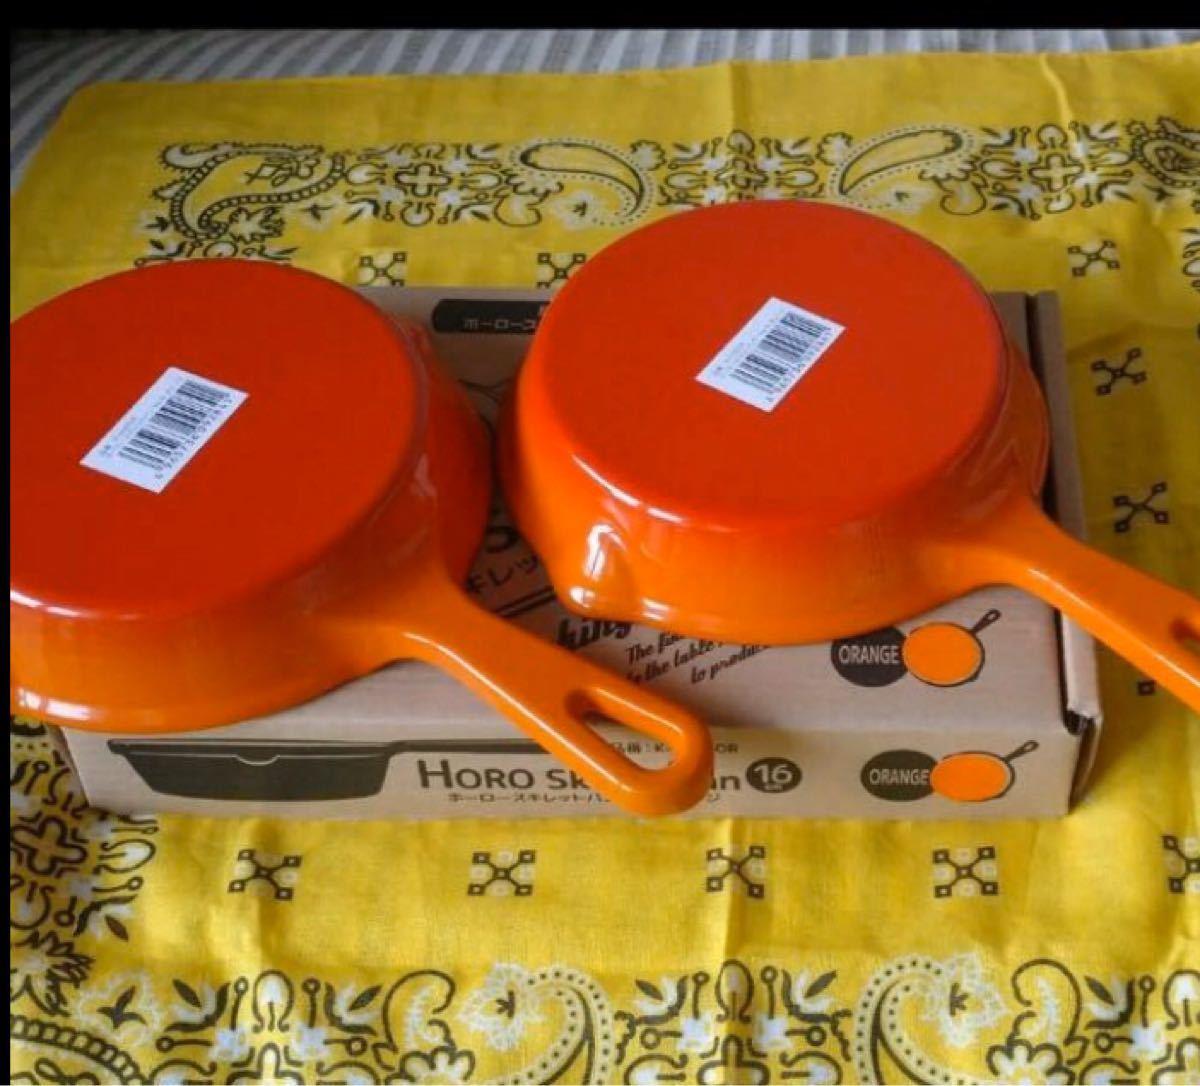 ホーロースキレットパン 16cm (オレンジ) 2個セット 鍋 フライパン